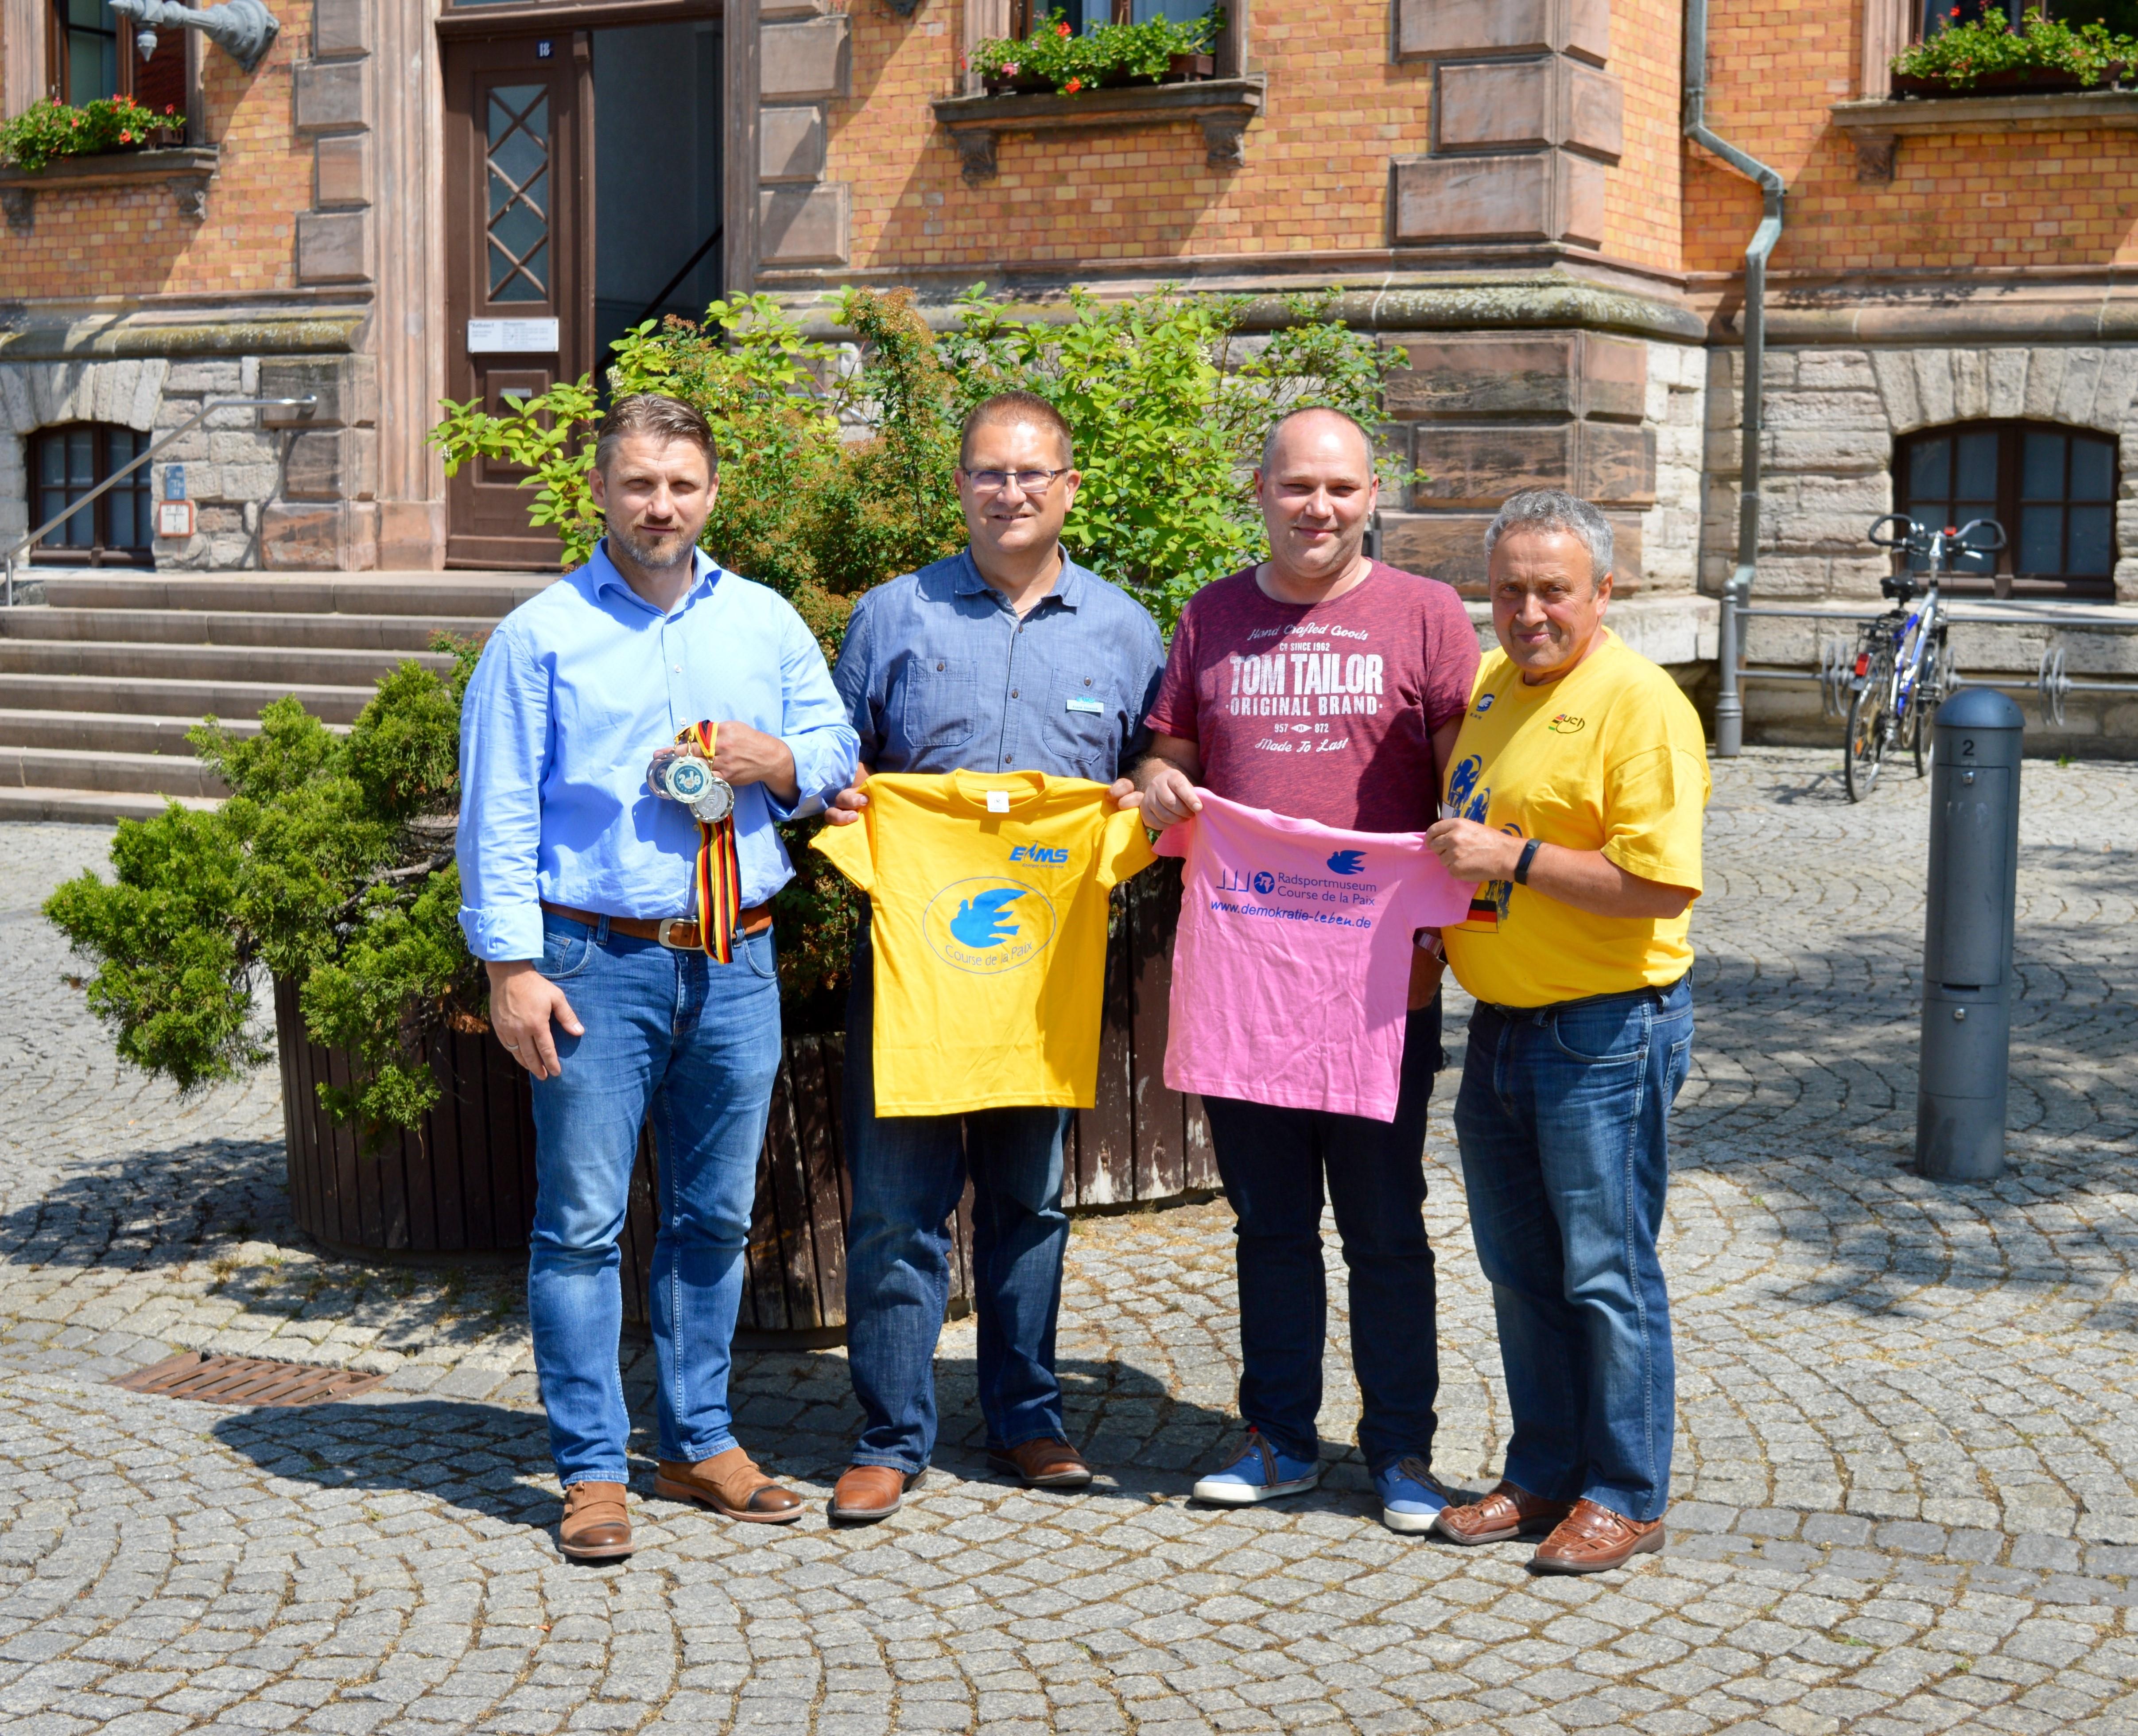 v.l. Bürgermeister Sven Hause, Frank Sieweck (EMS), Heiko Neuling (Lotto-König Calbe), Horst Schäfer Radsportmuseum Kleinmühlingen werben gemeinsam für die kleine Friedensfahrt am 13. Juni 2018 in der Saalestadt.